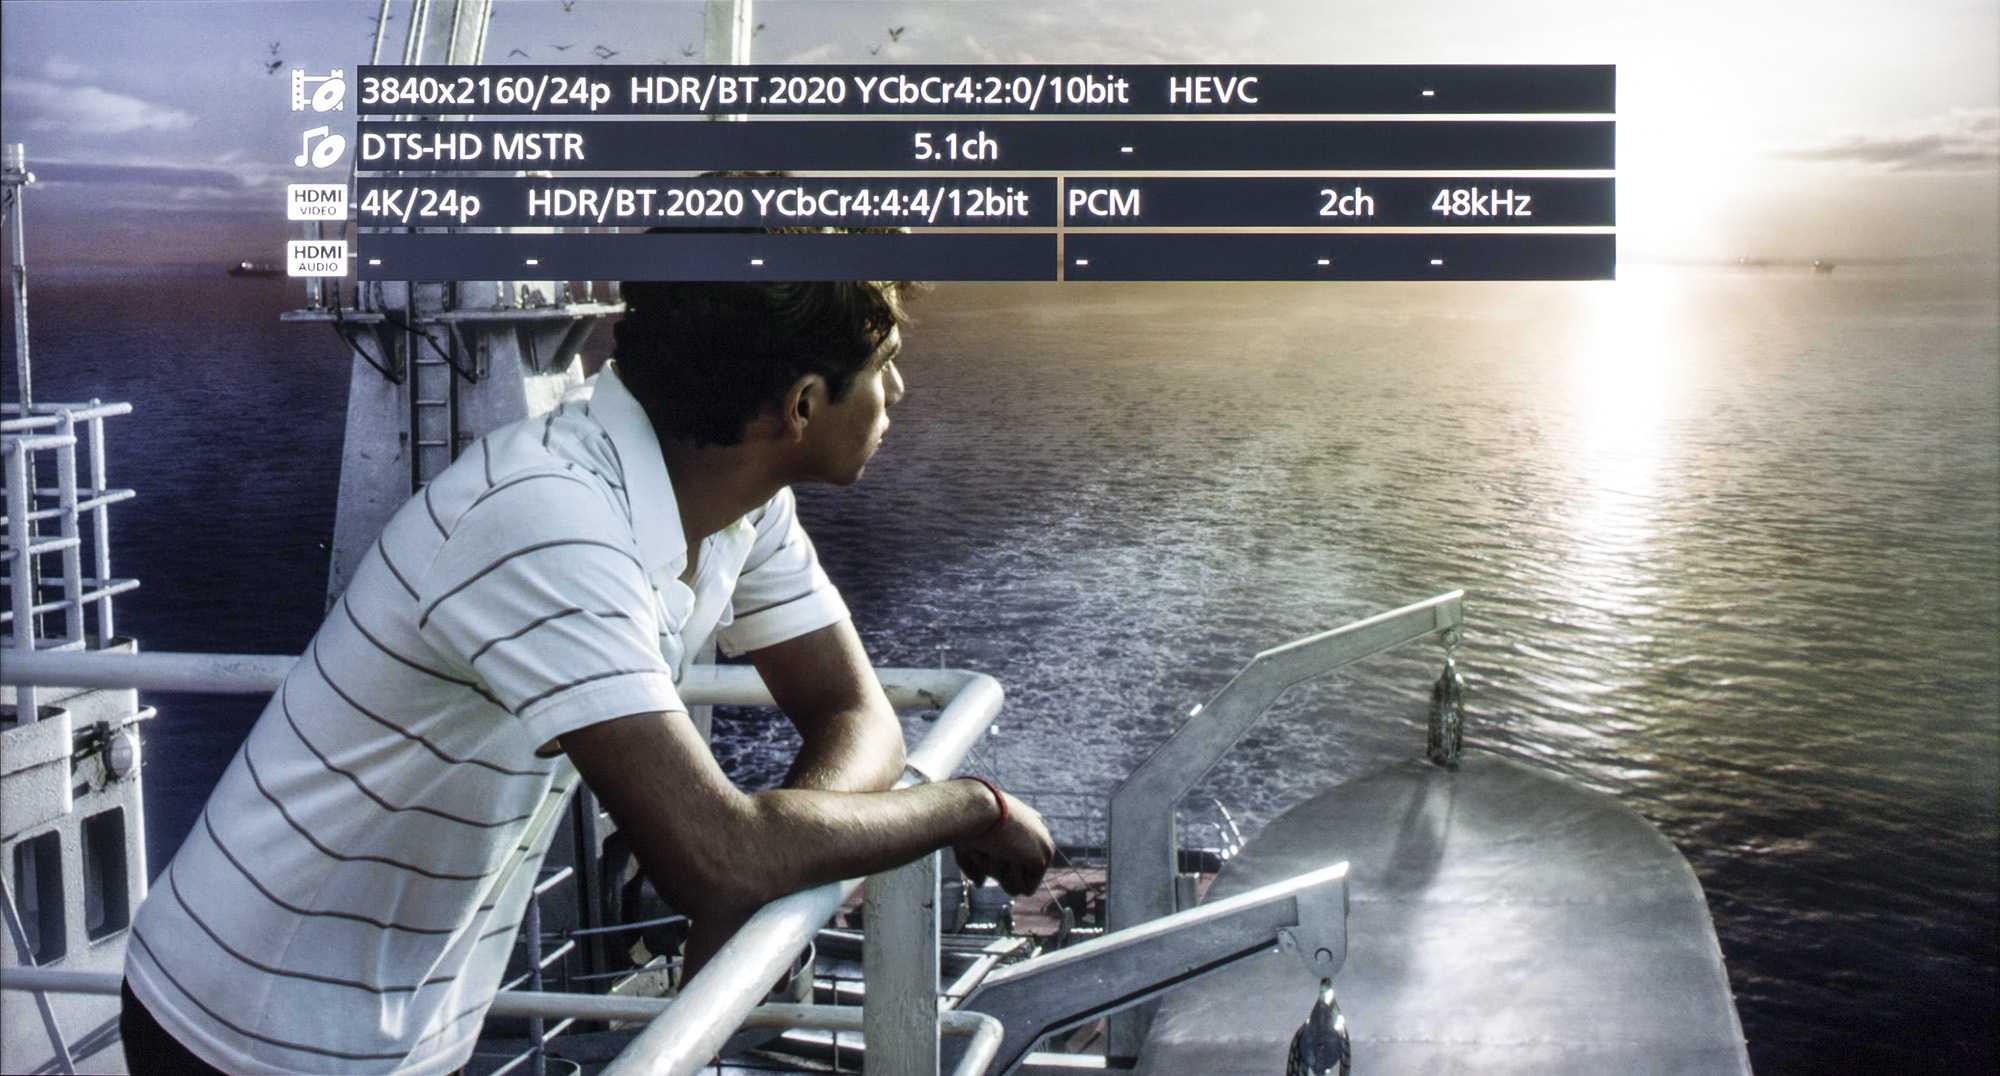 Der Panasonic-Player präsentiert auf Knopfdruck auf dem Bildschirm wesentlich mehr Informationen zur gerade laufenden UHD-Blu-ray als das Modell von Samsung.